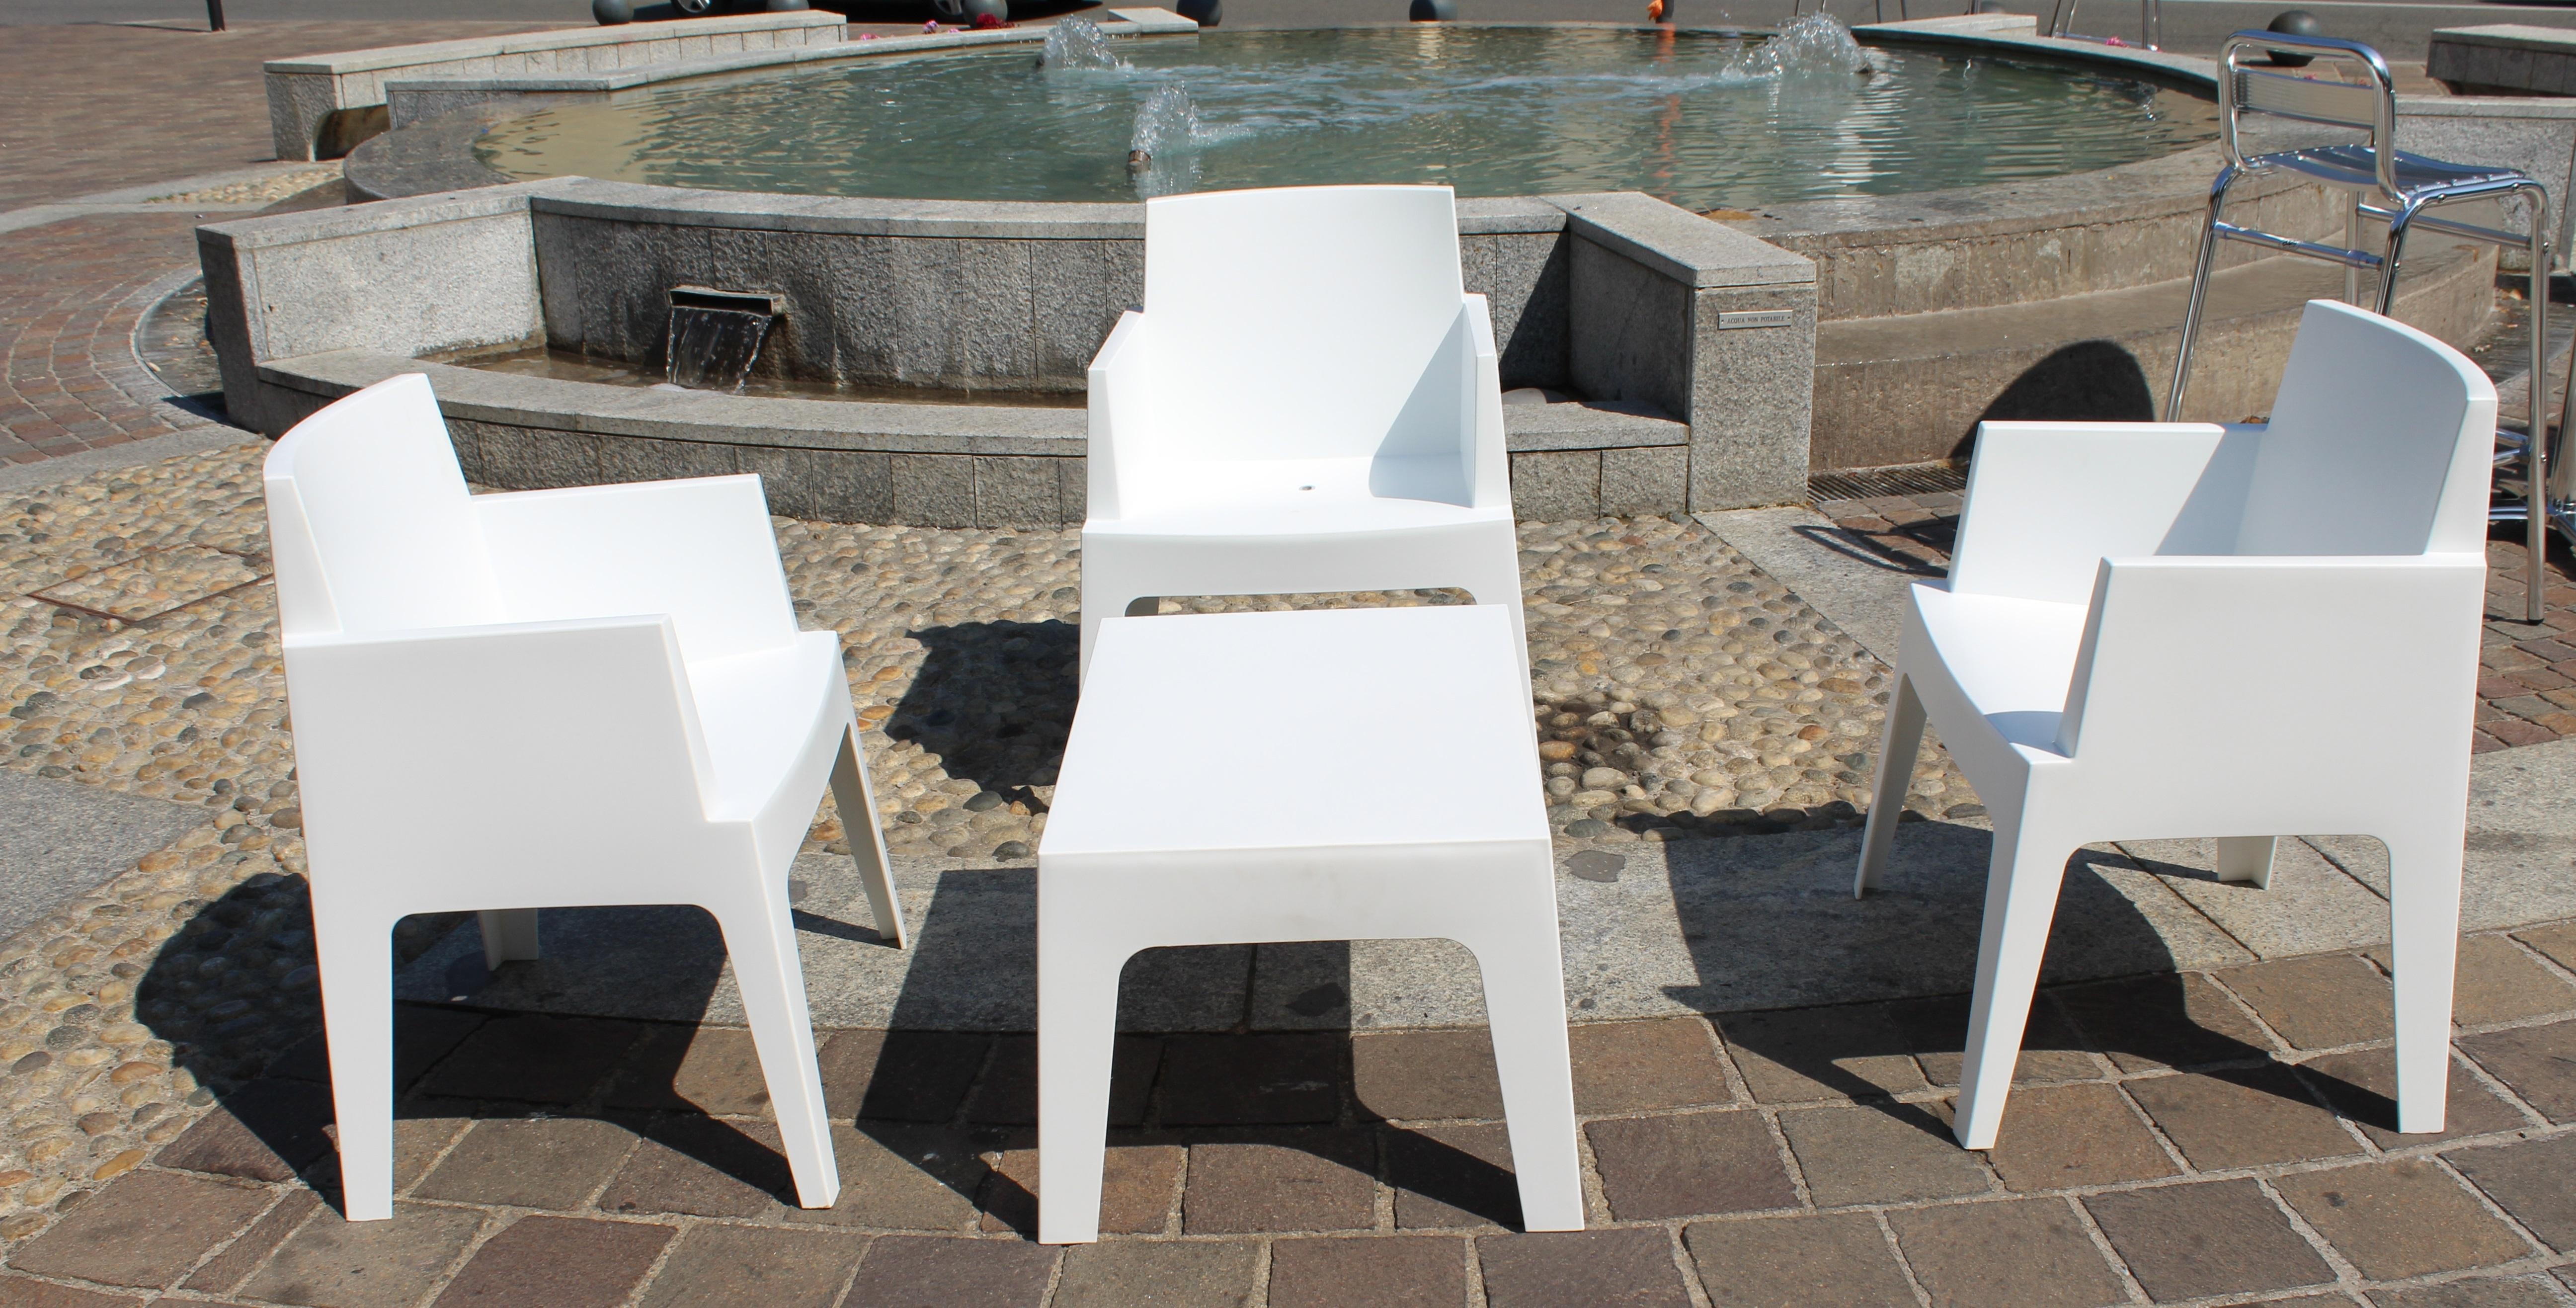 Außergewöhnlich Tabelle Kaffee Holz Sessel Stock Entspannen Sie Sich Möbel Zimmer Material  Kaffetisch Draußen Stühle Entwurf Piazza